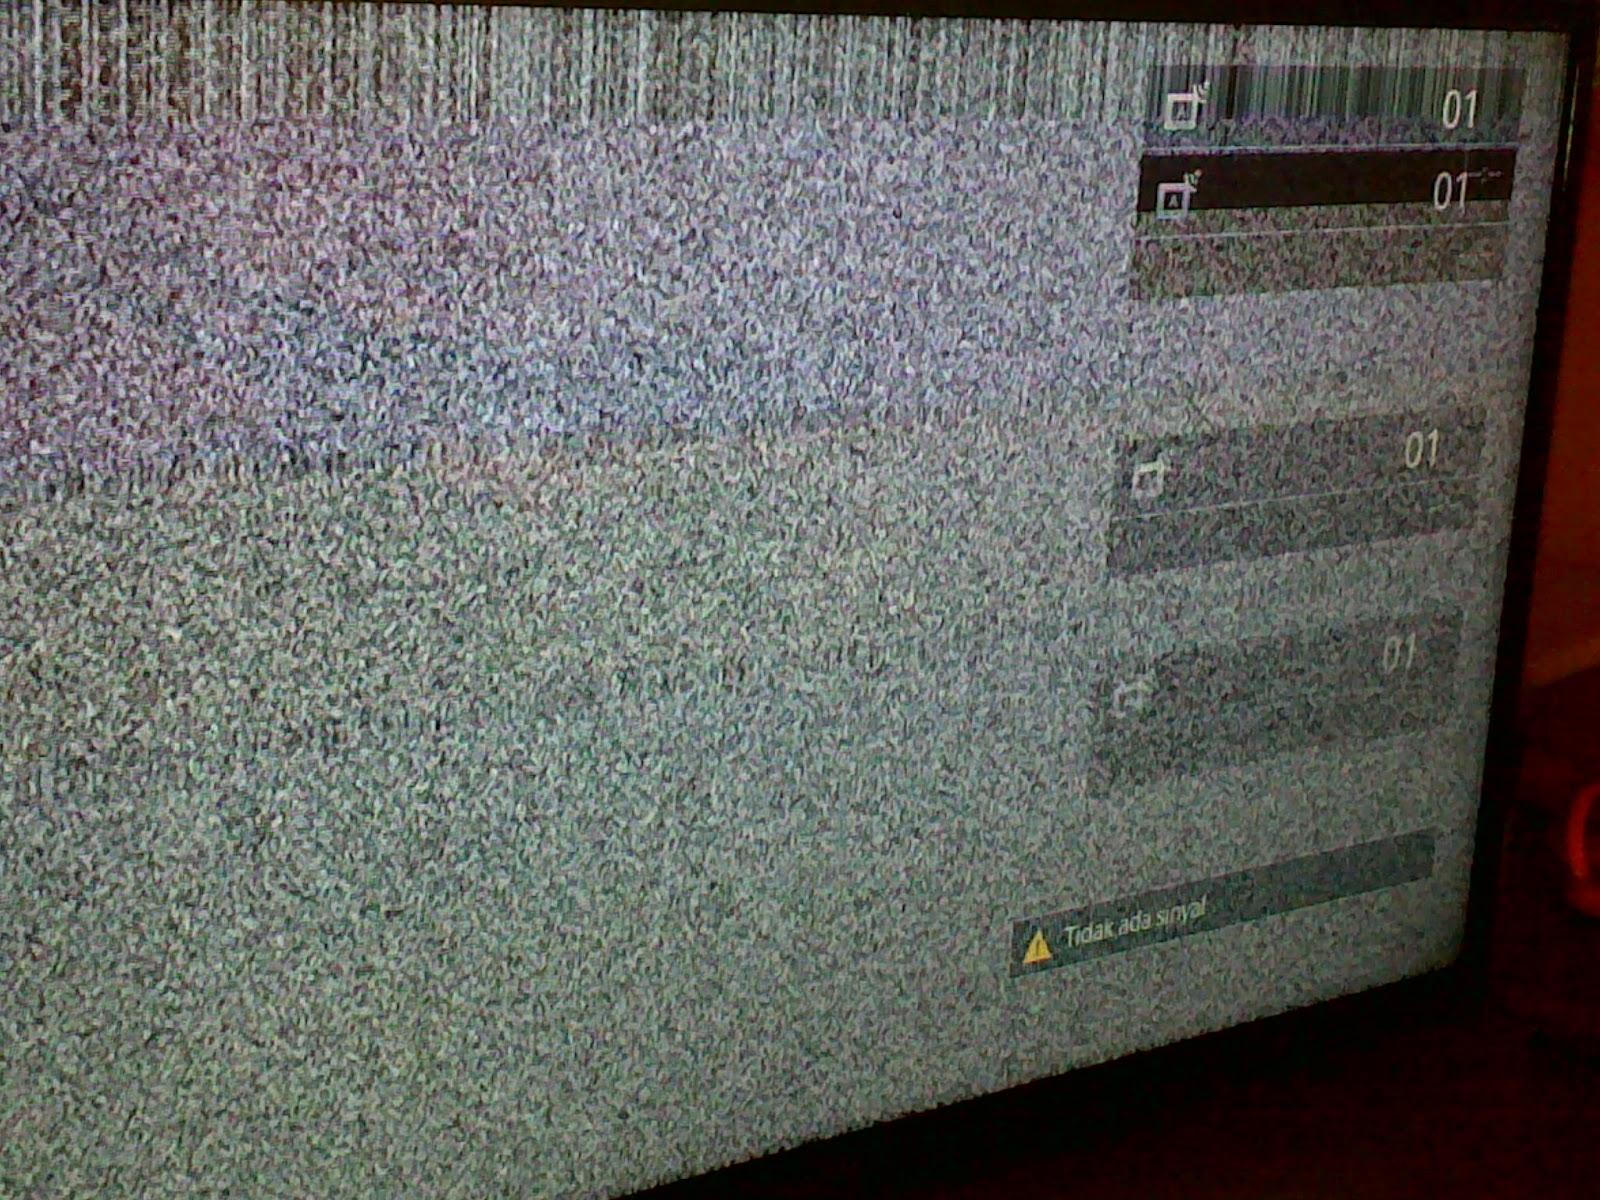 Cara Memperbaiki TV led rusak gambar menjadi double